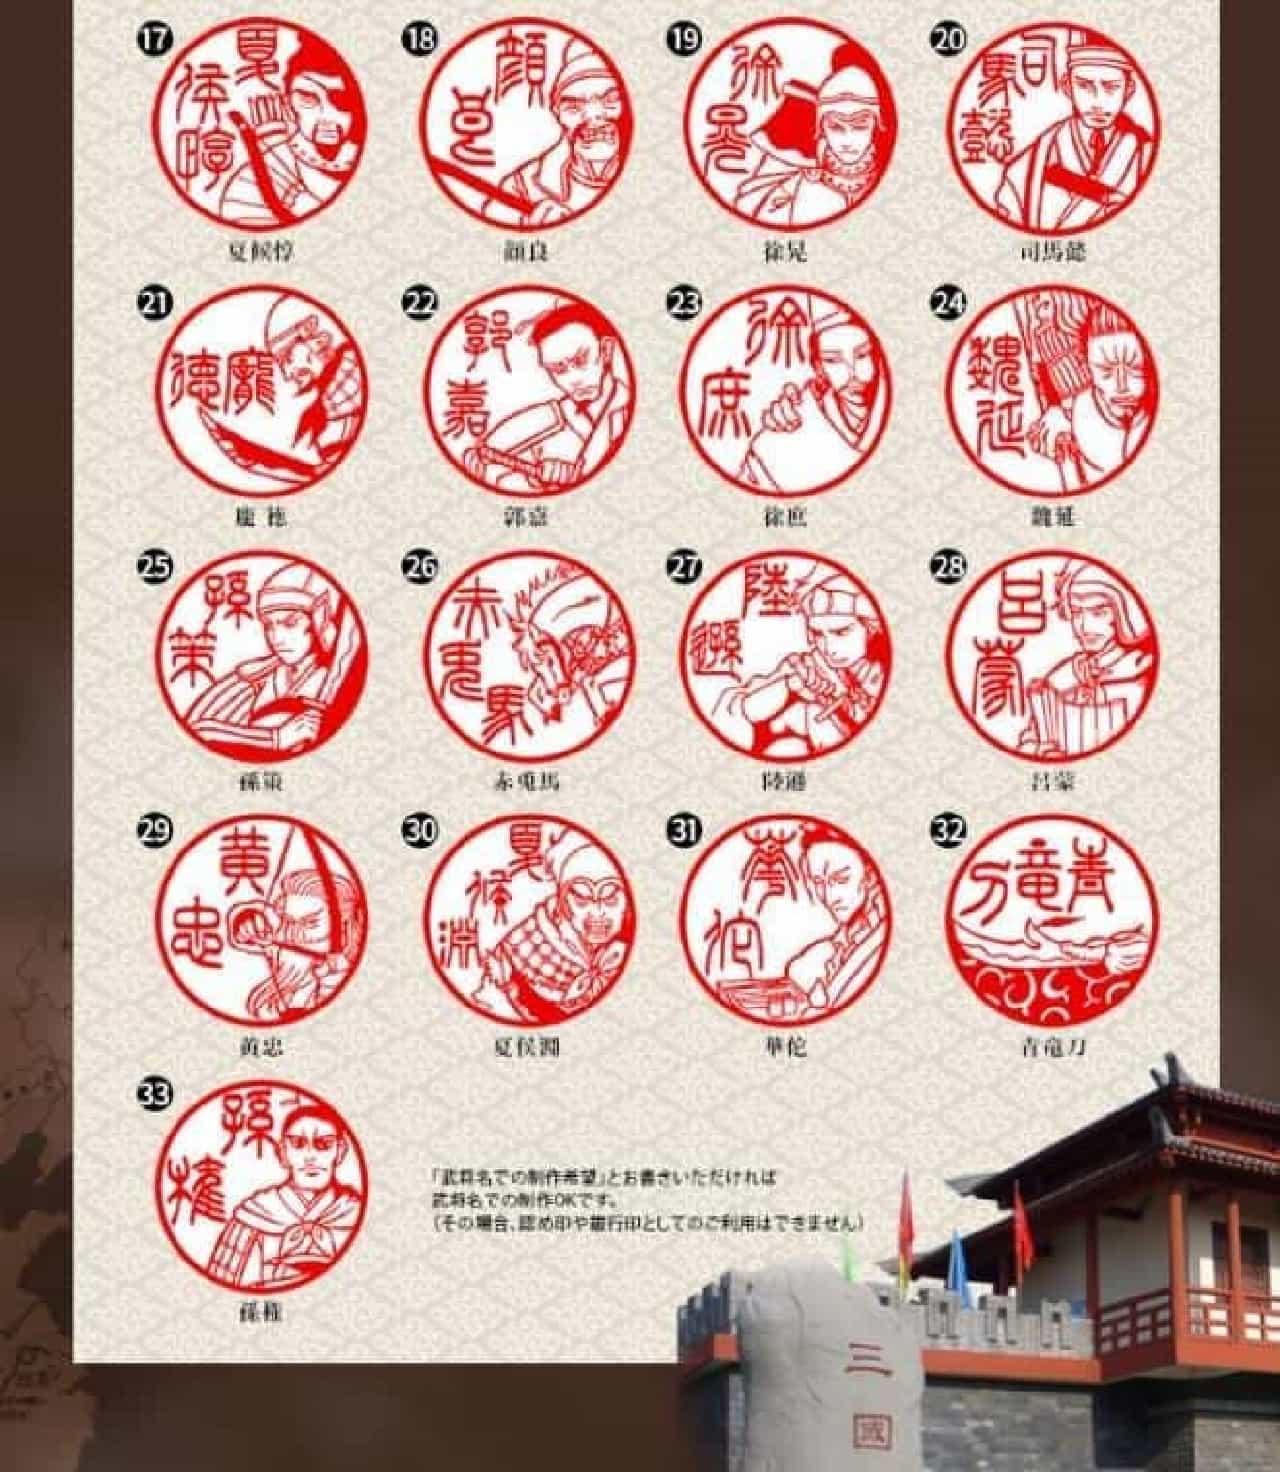 三国志の武将がデザインされた印鑑「三国志図鑑」に、14種類のイラスト追加